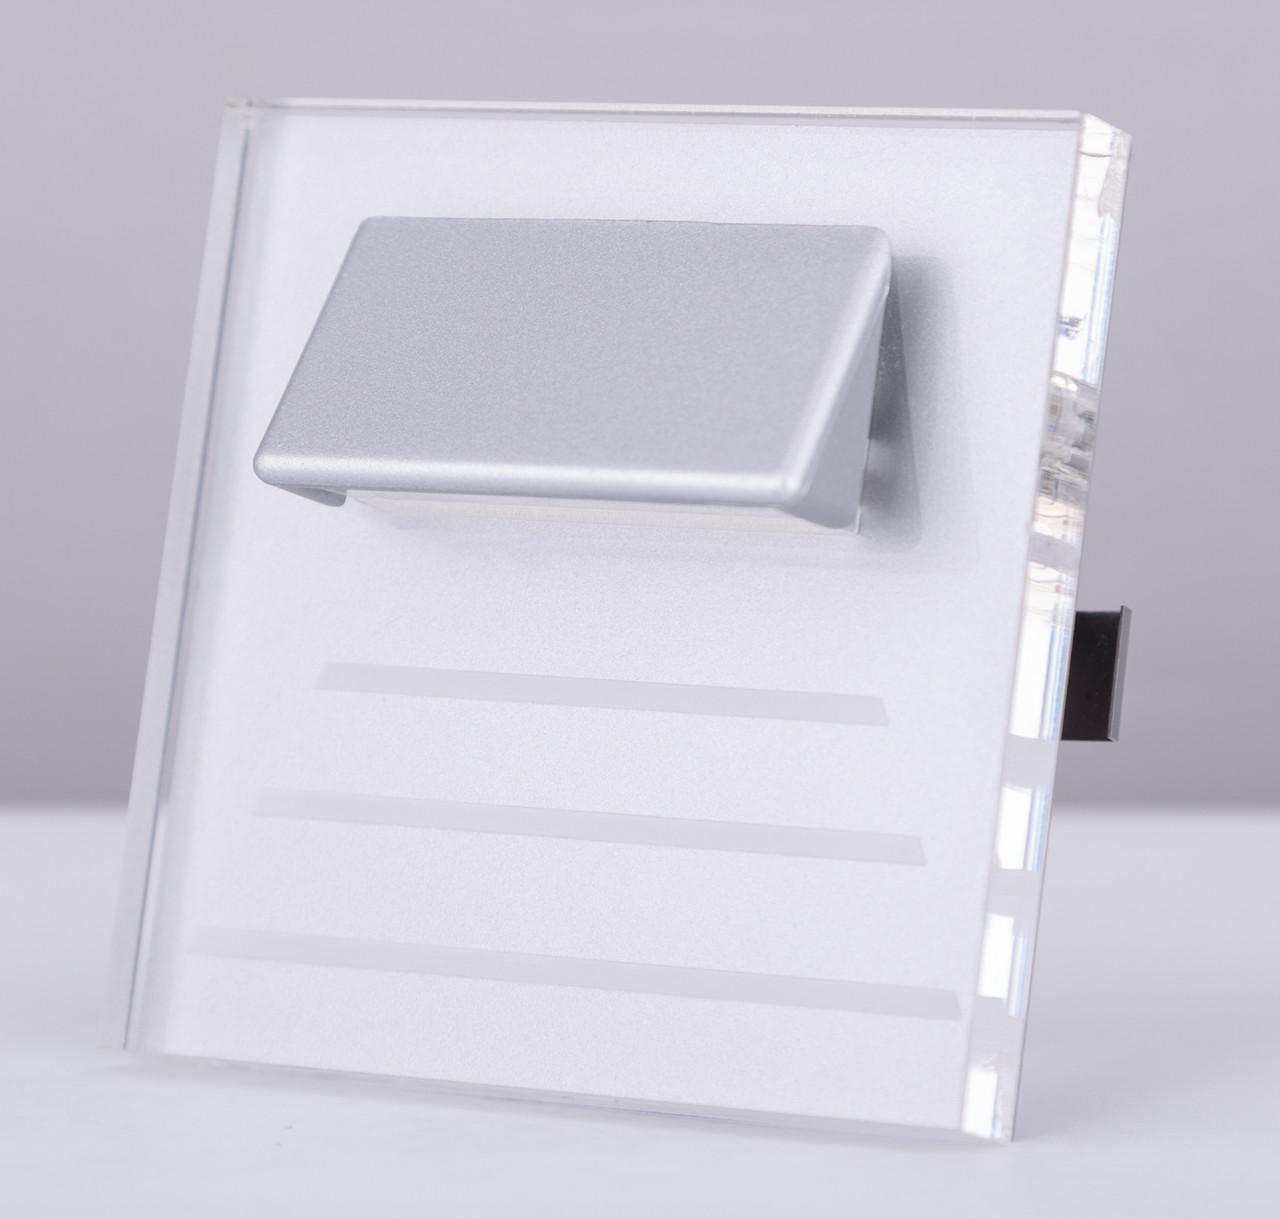 Подсветка LED декоративная CRISTAL 04, алюминий, холодный белый